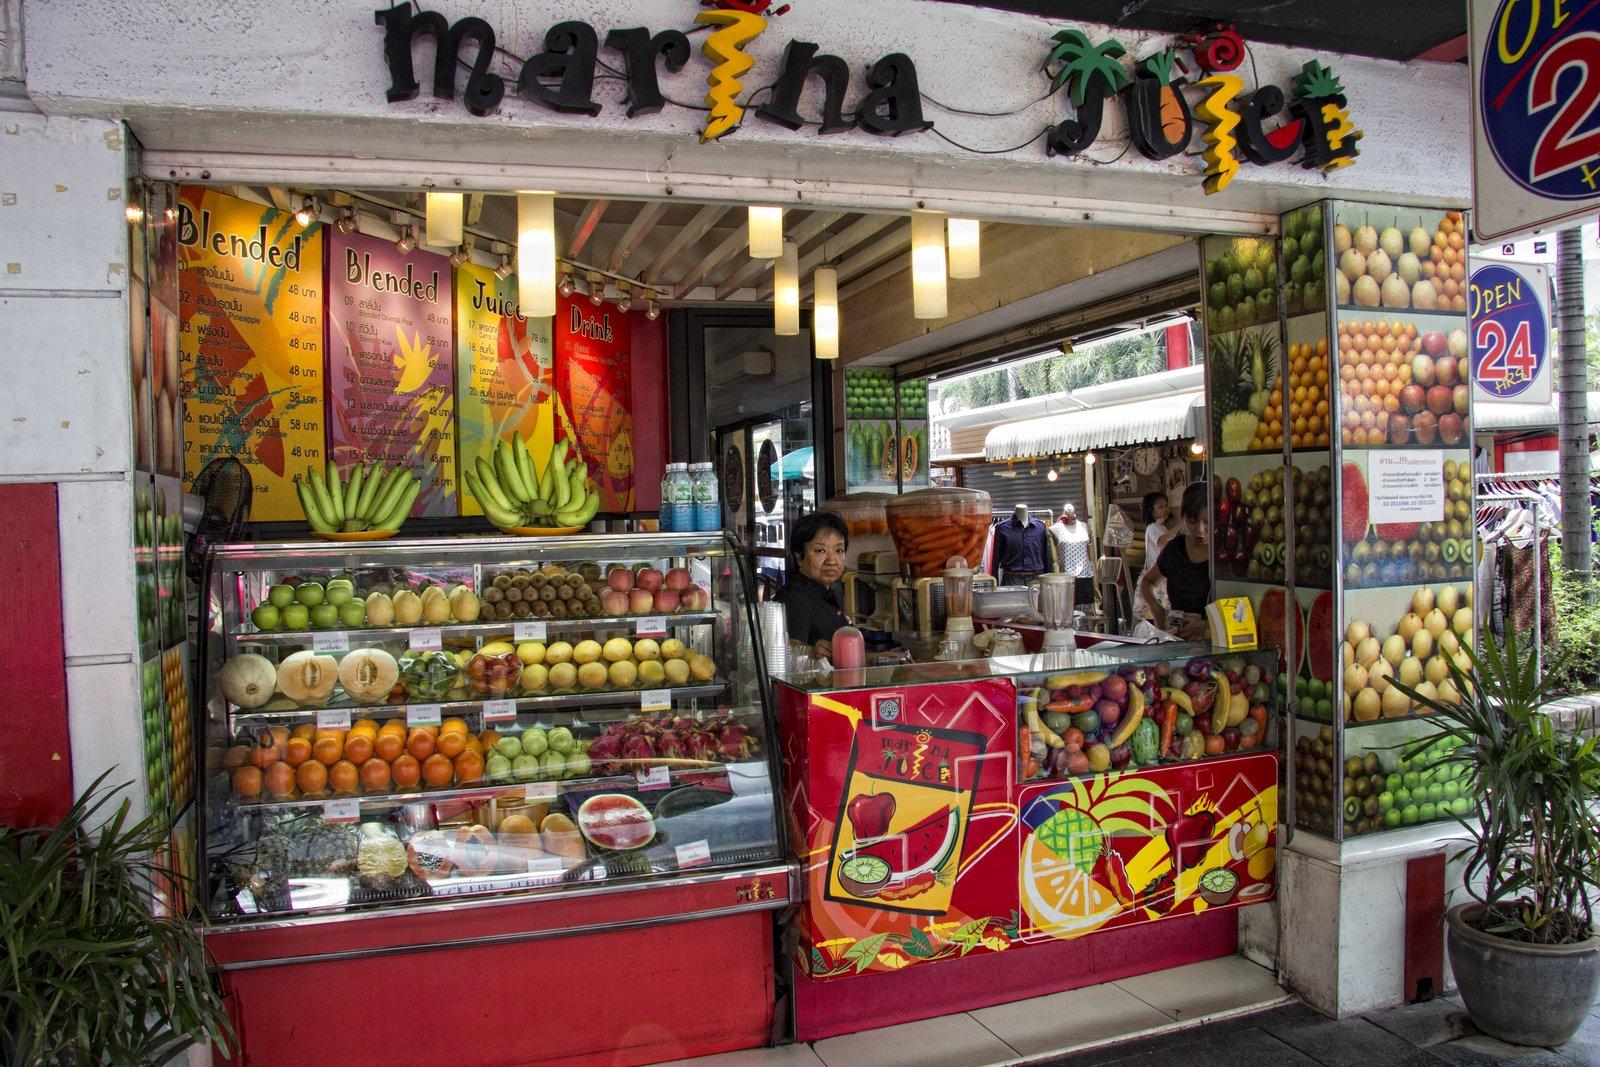 juice bar Best juice bars & smoothies in phoenix, az - kaleidoscope juice, powered up nutrition, nekter juice bar, grabbagreen downtown - phoenix, paradise juice, berry beet juice bar, juby true, nekter juice bar, kwench juice cafe phoenix, kaleidoscope.